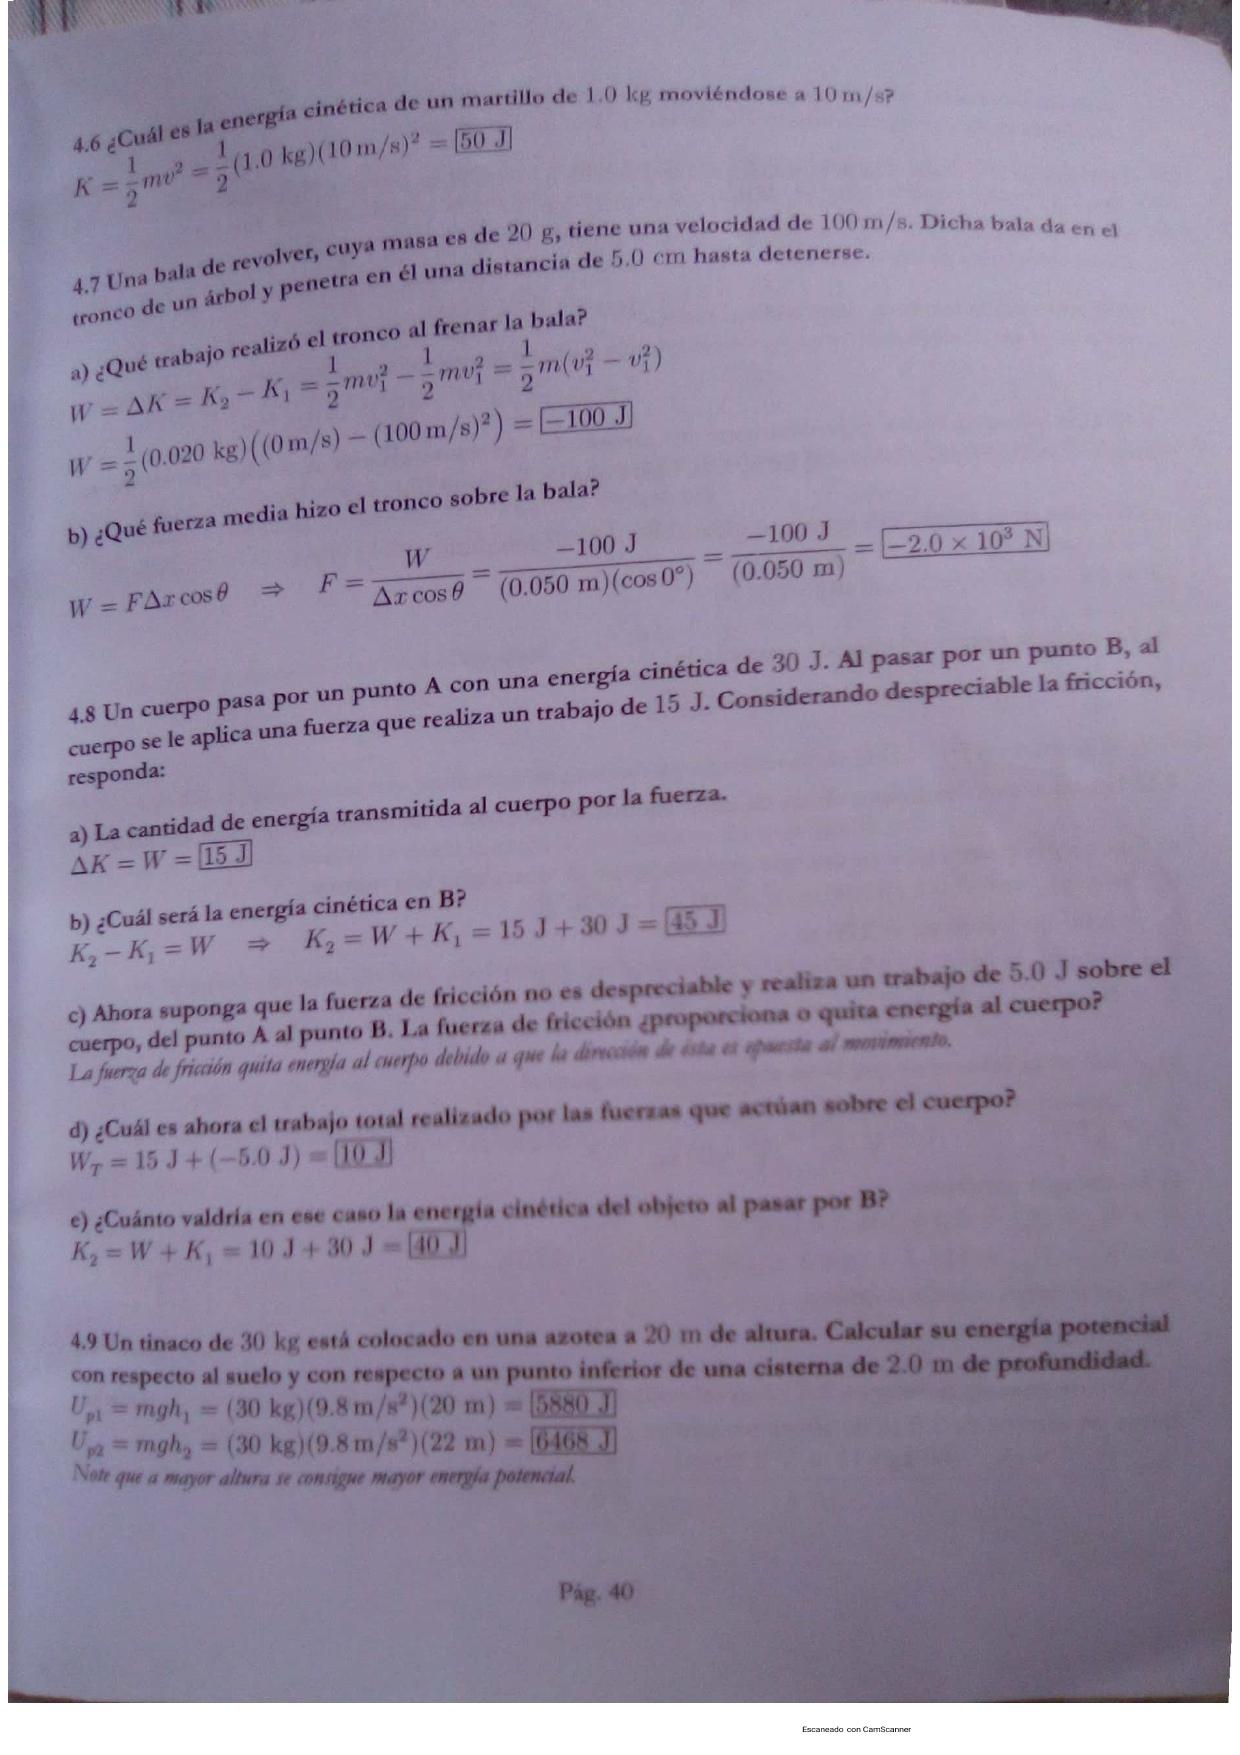 cuaderno-de-trabajo-f-sica-b-sica-page-0039